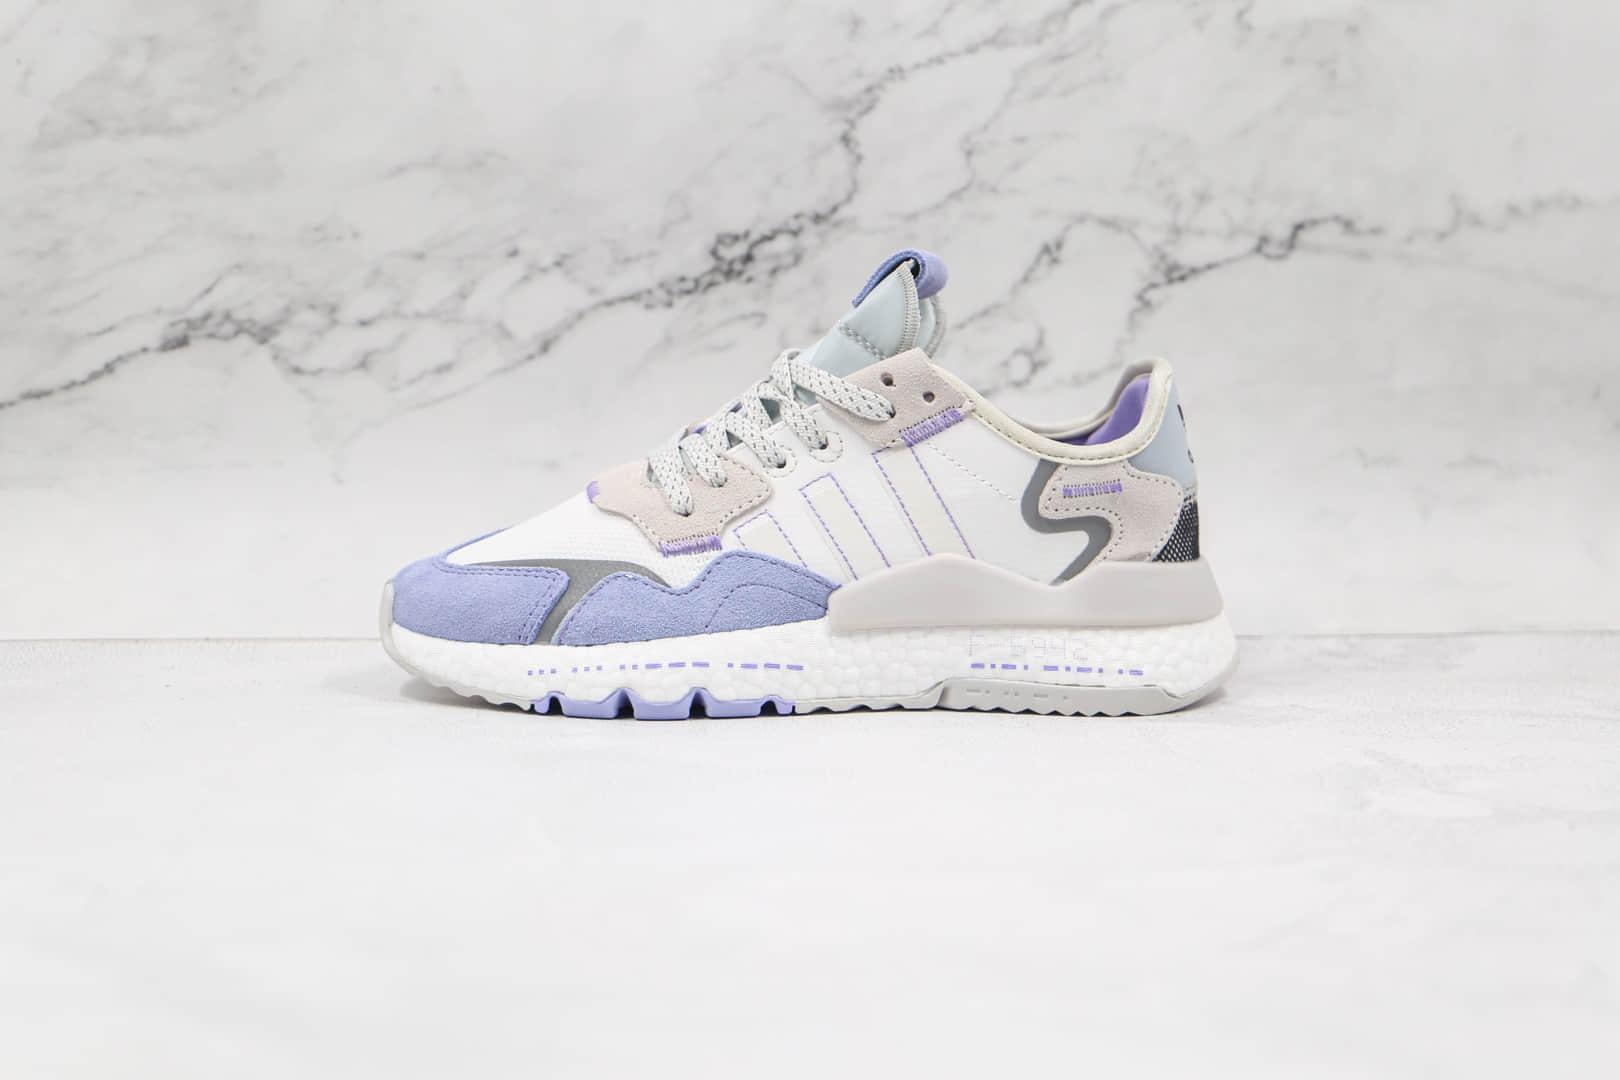 阿迪达斯Adidas Nite Jogger 2019 Boost纯原版本夜行者一代白紫色爆米花跑鞋原档案数据开发 货号:HO3250